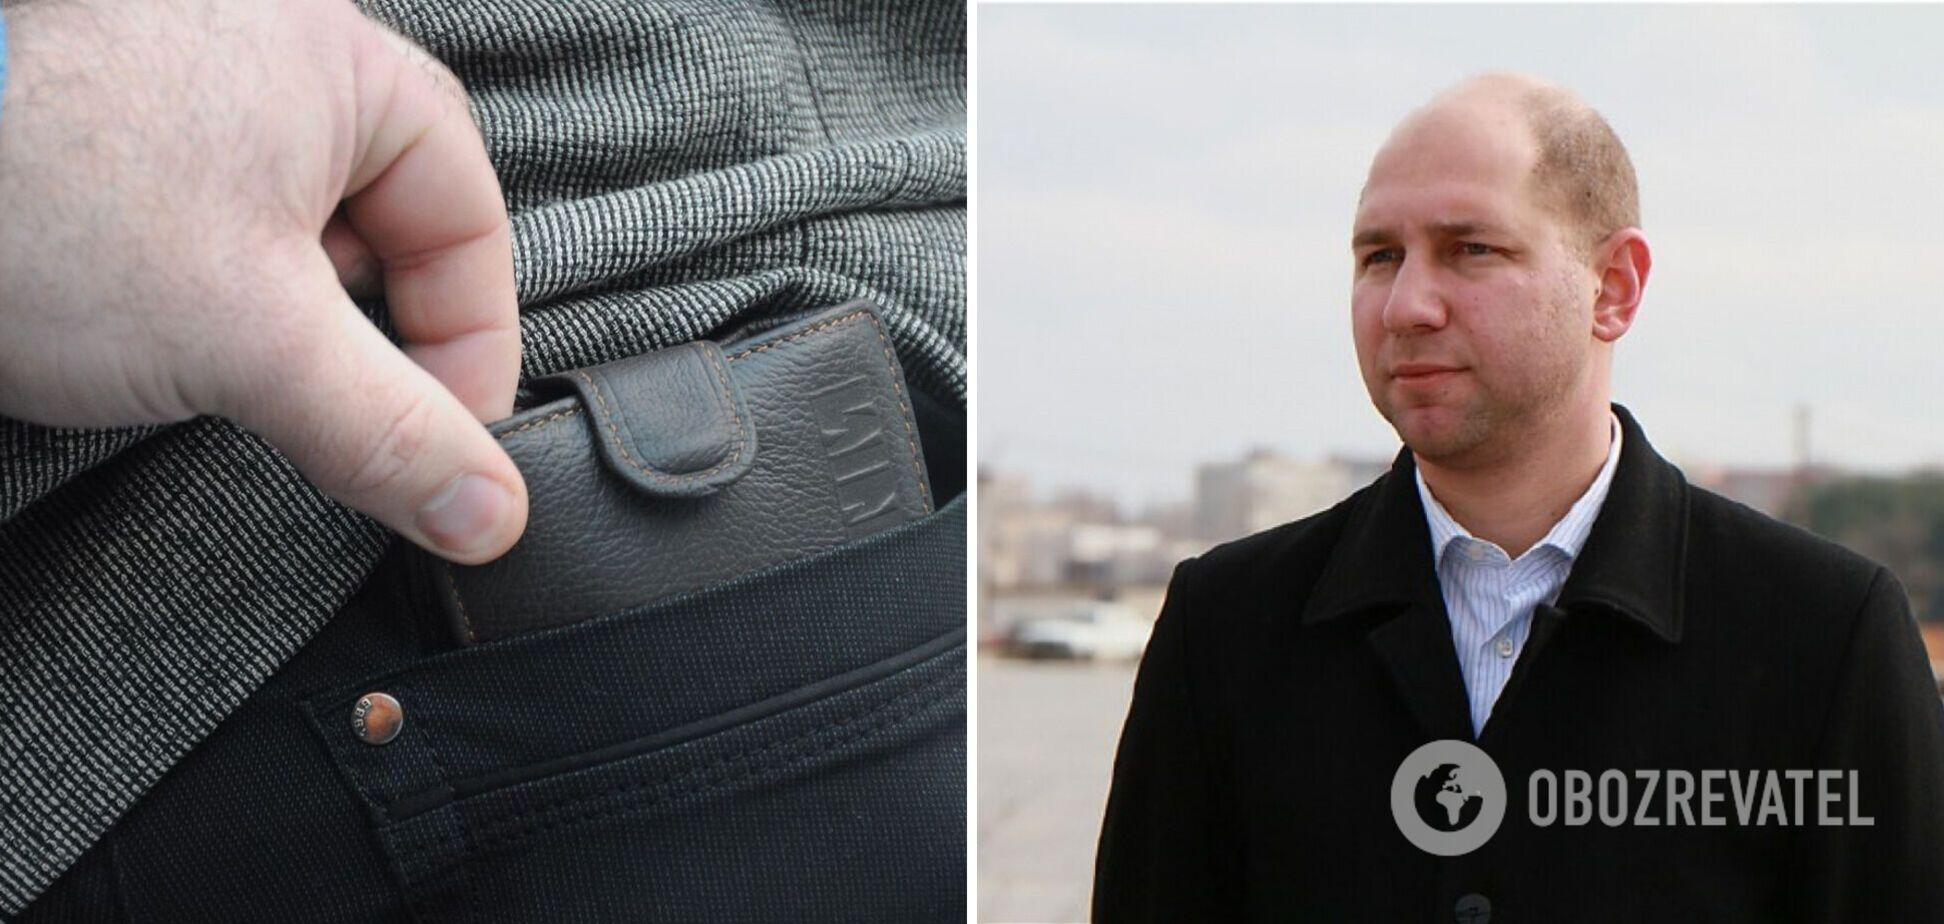 В Одессе обокрали нардепа из 'Слуги народа', в полиции открыли дело